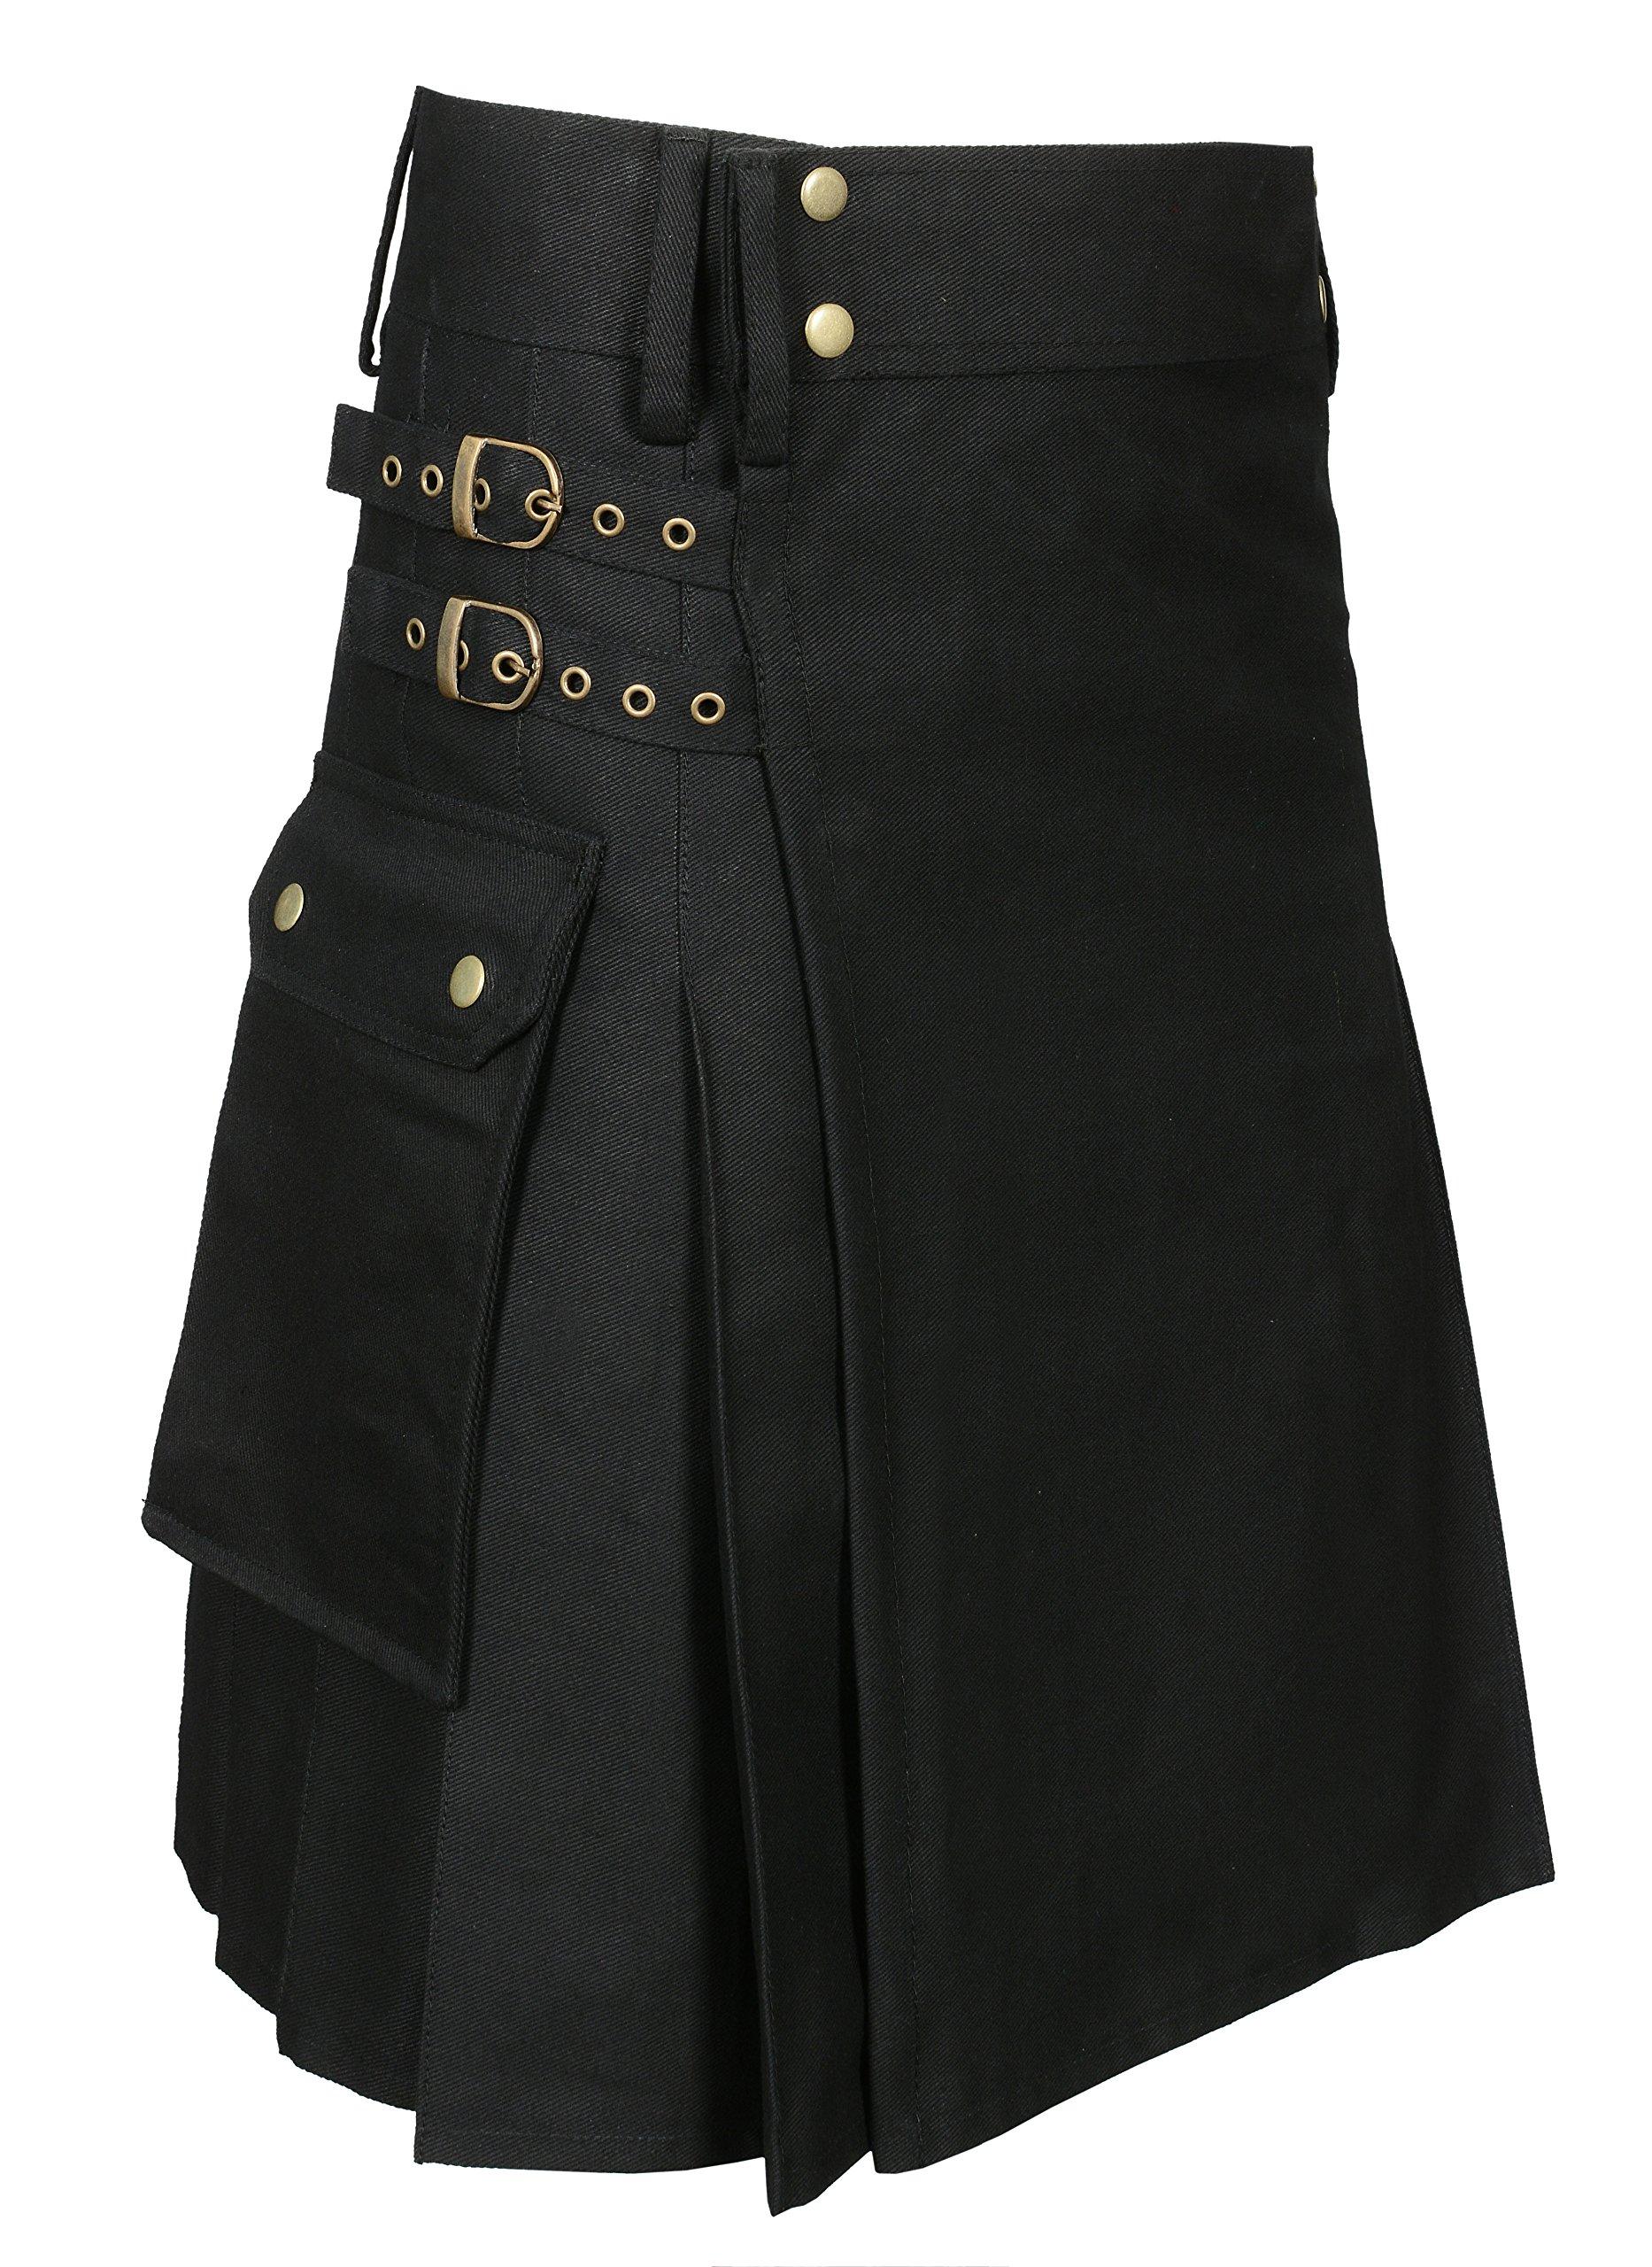 Utility Kilt Black New Size 36